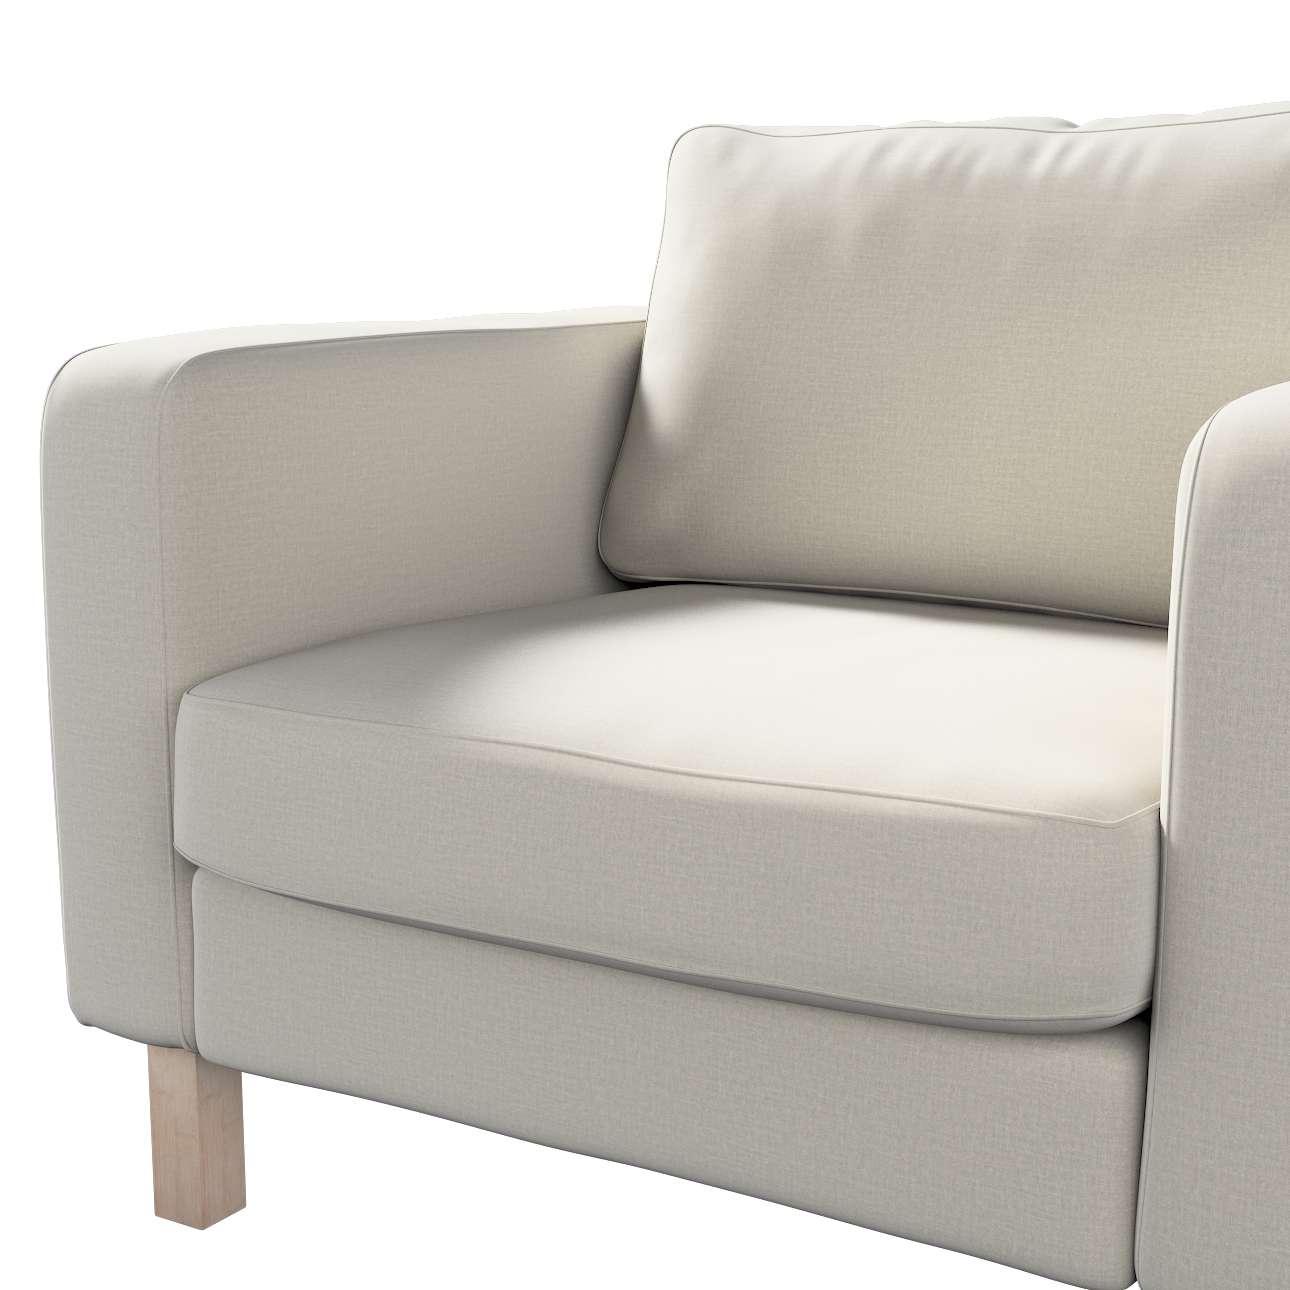 Pokrowiec na fotel Karlstad, krótki w kolekcji Ingrid, tkanina: 705-40